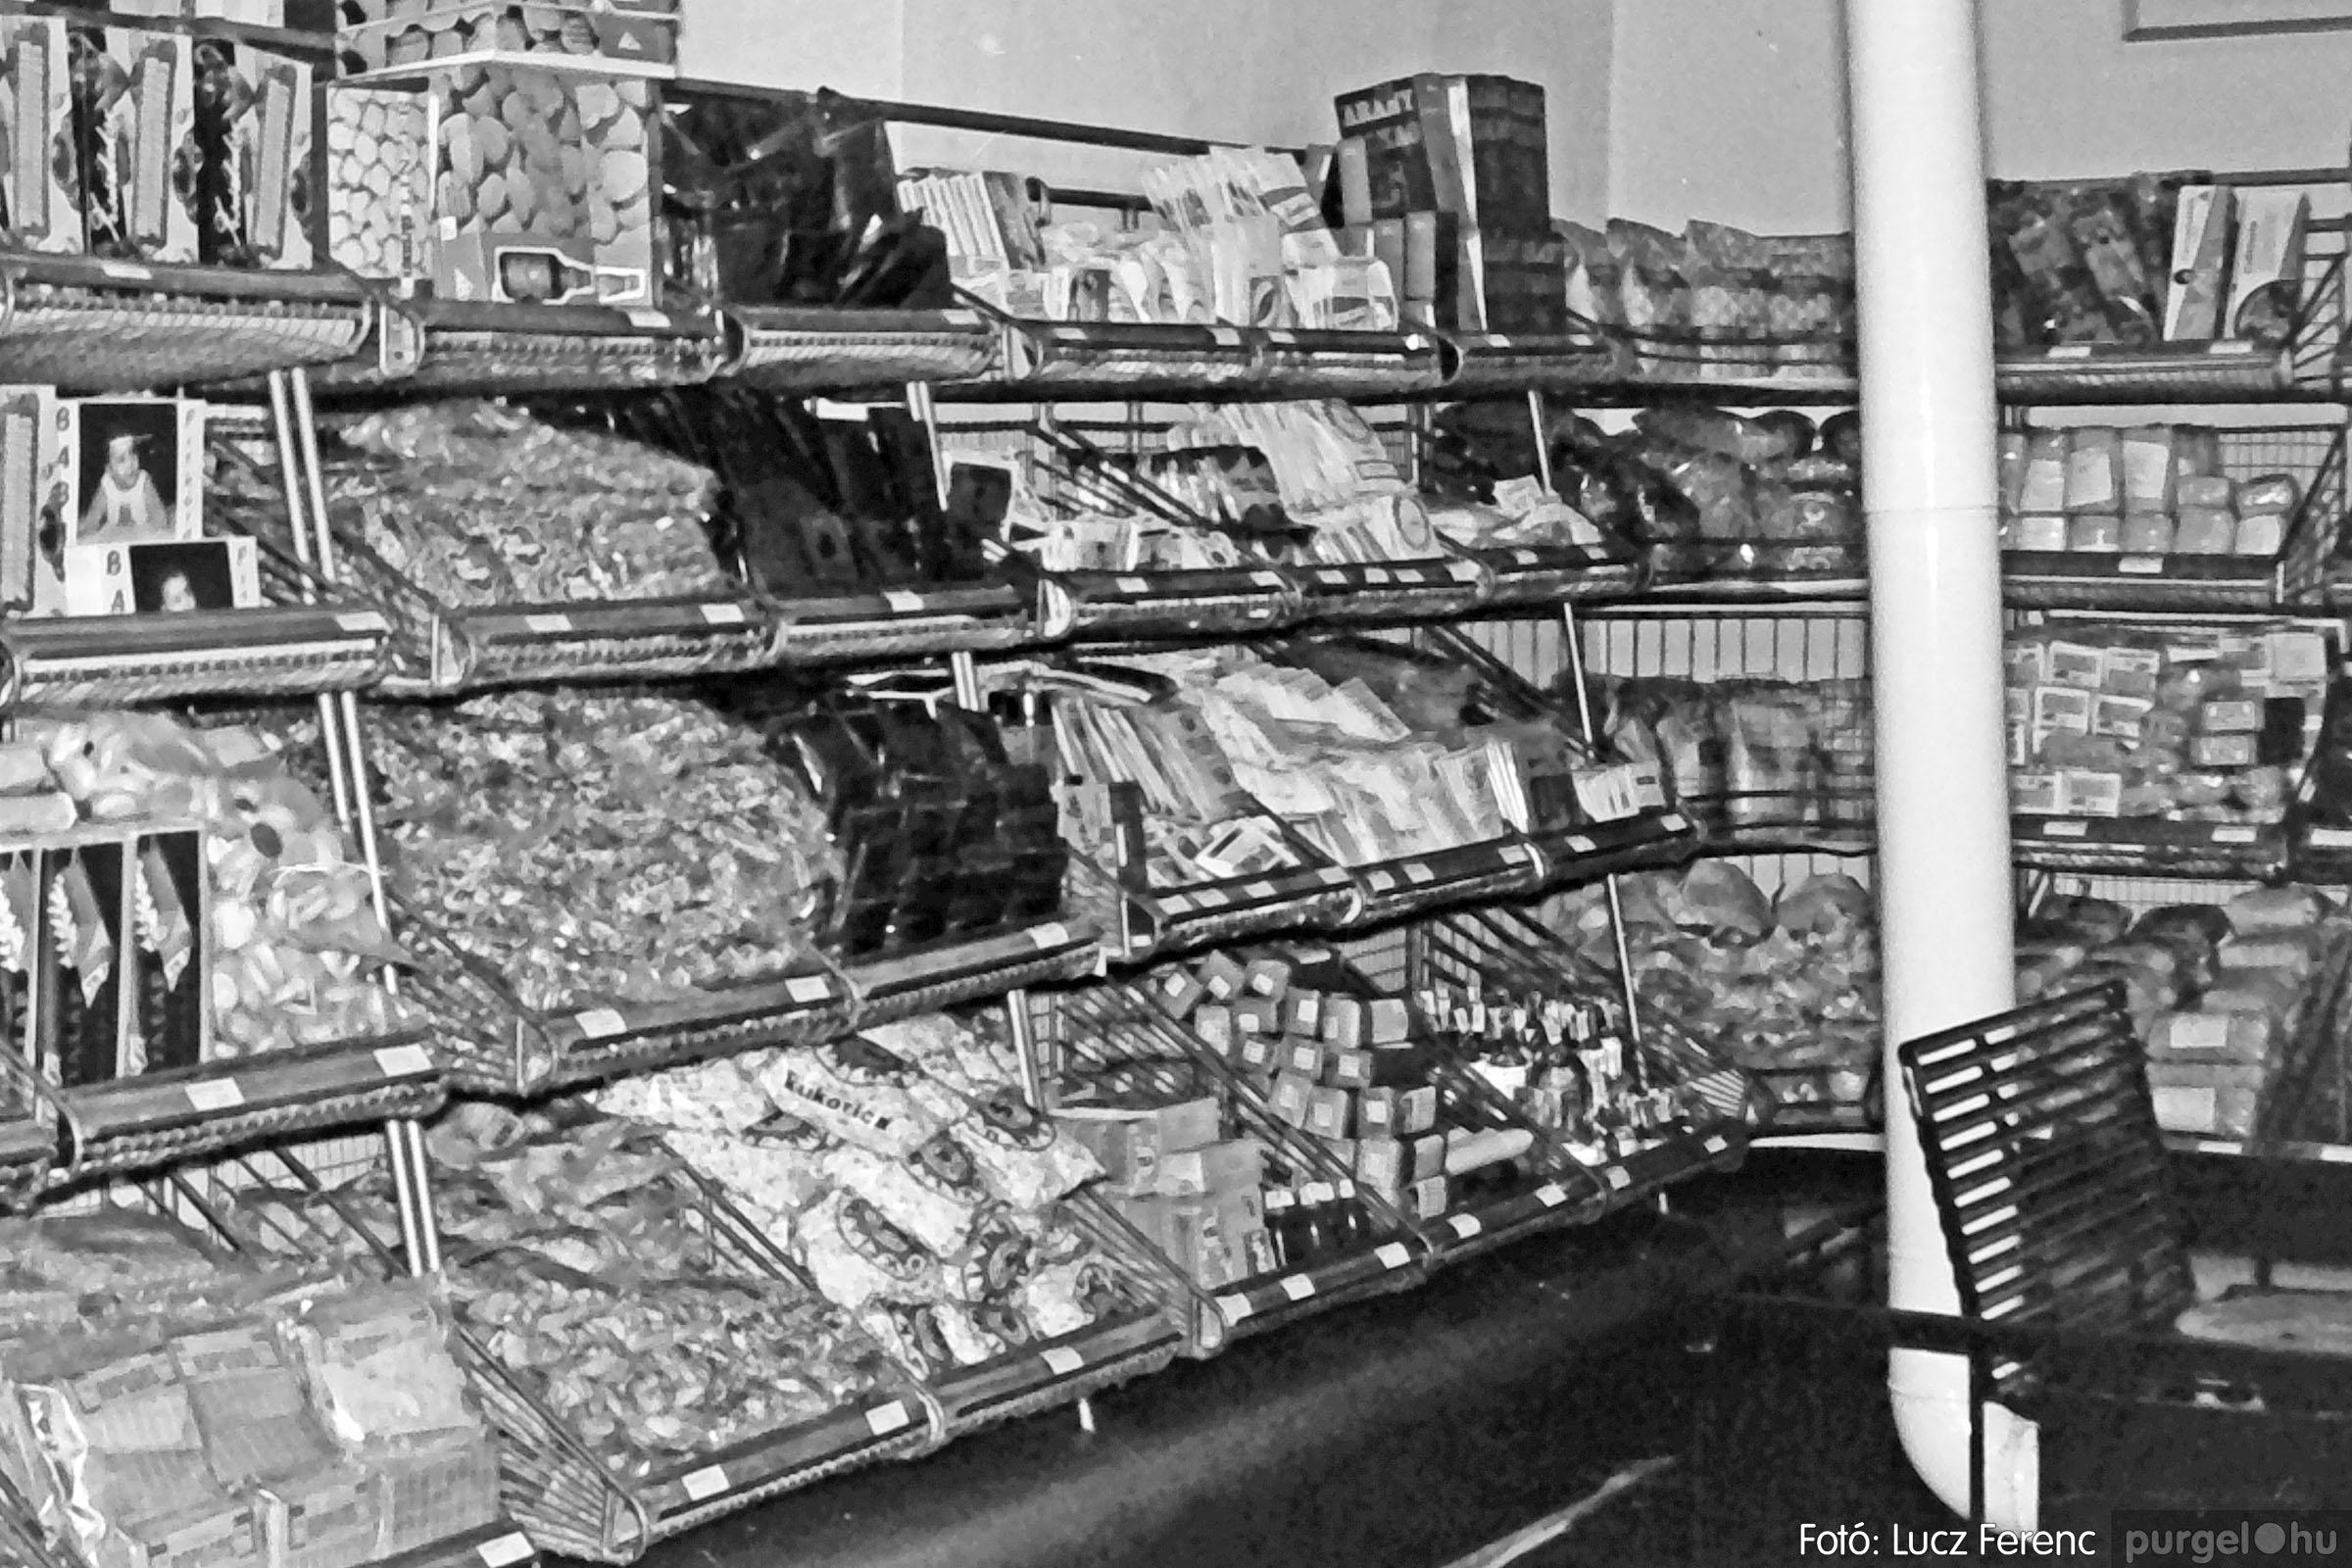 032. 1976. Önkiszolgáló a régi mozi helyén 001 - Fotó: Lucz Ferenc.jpg